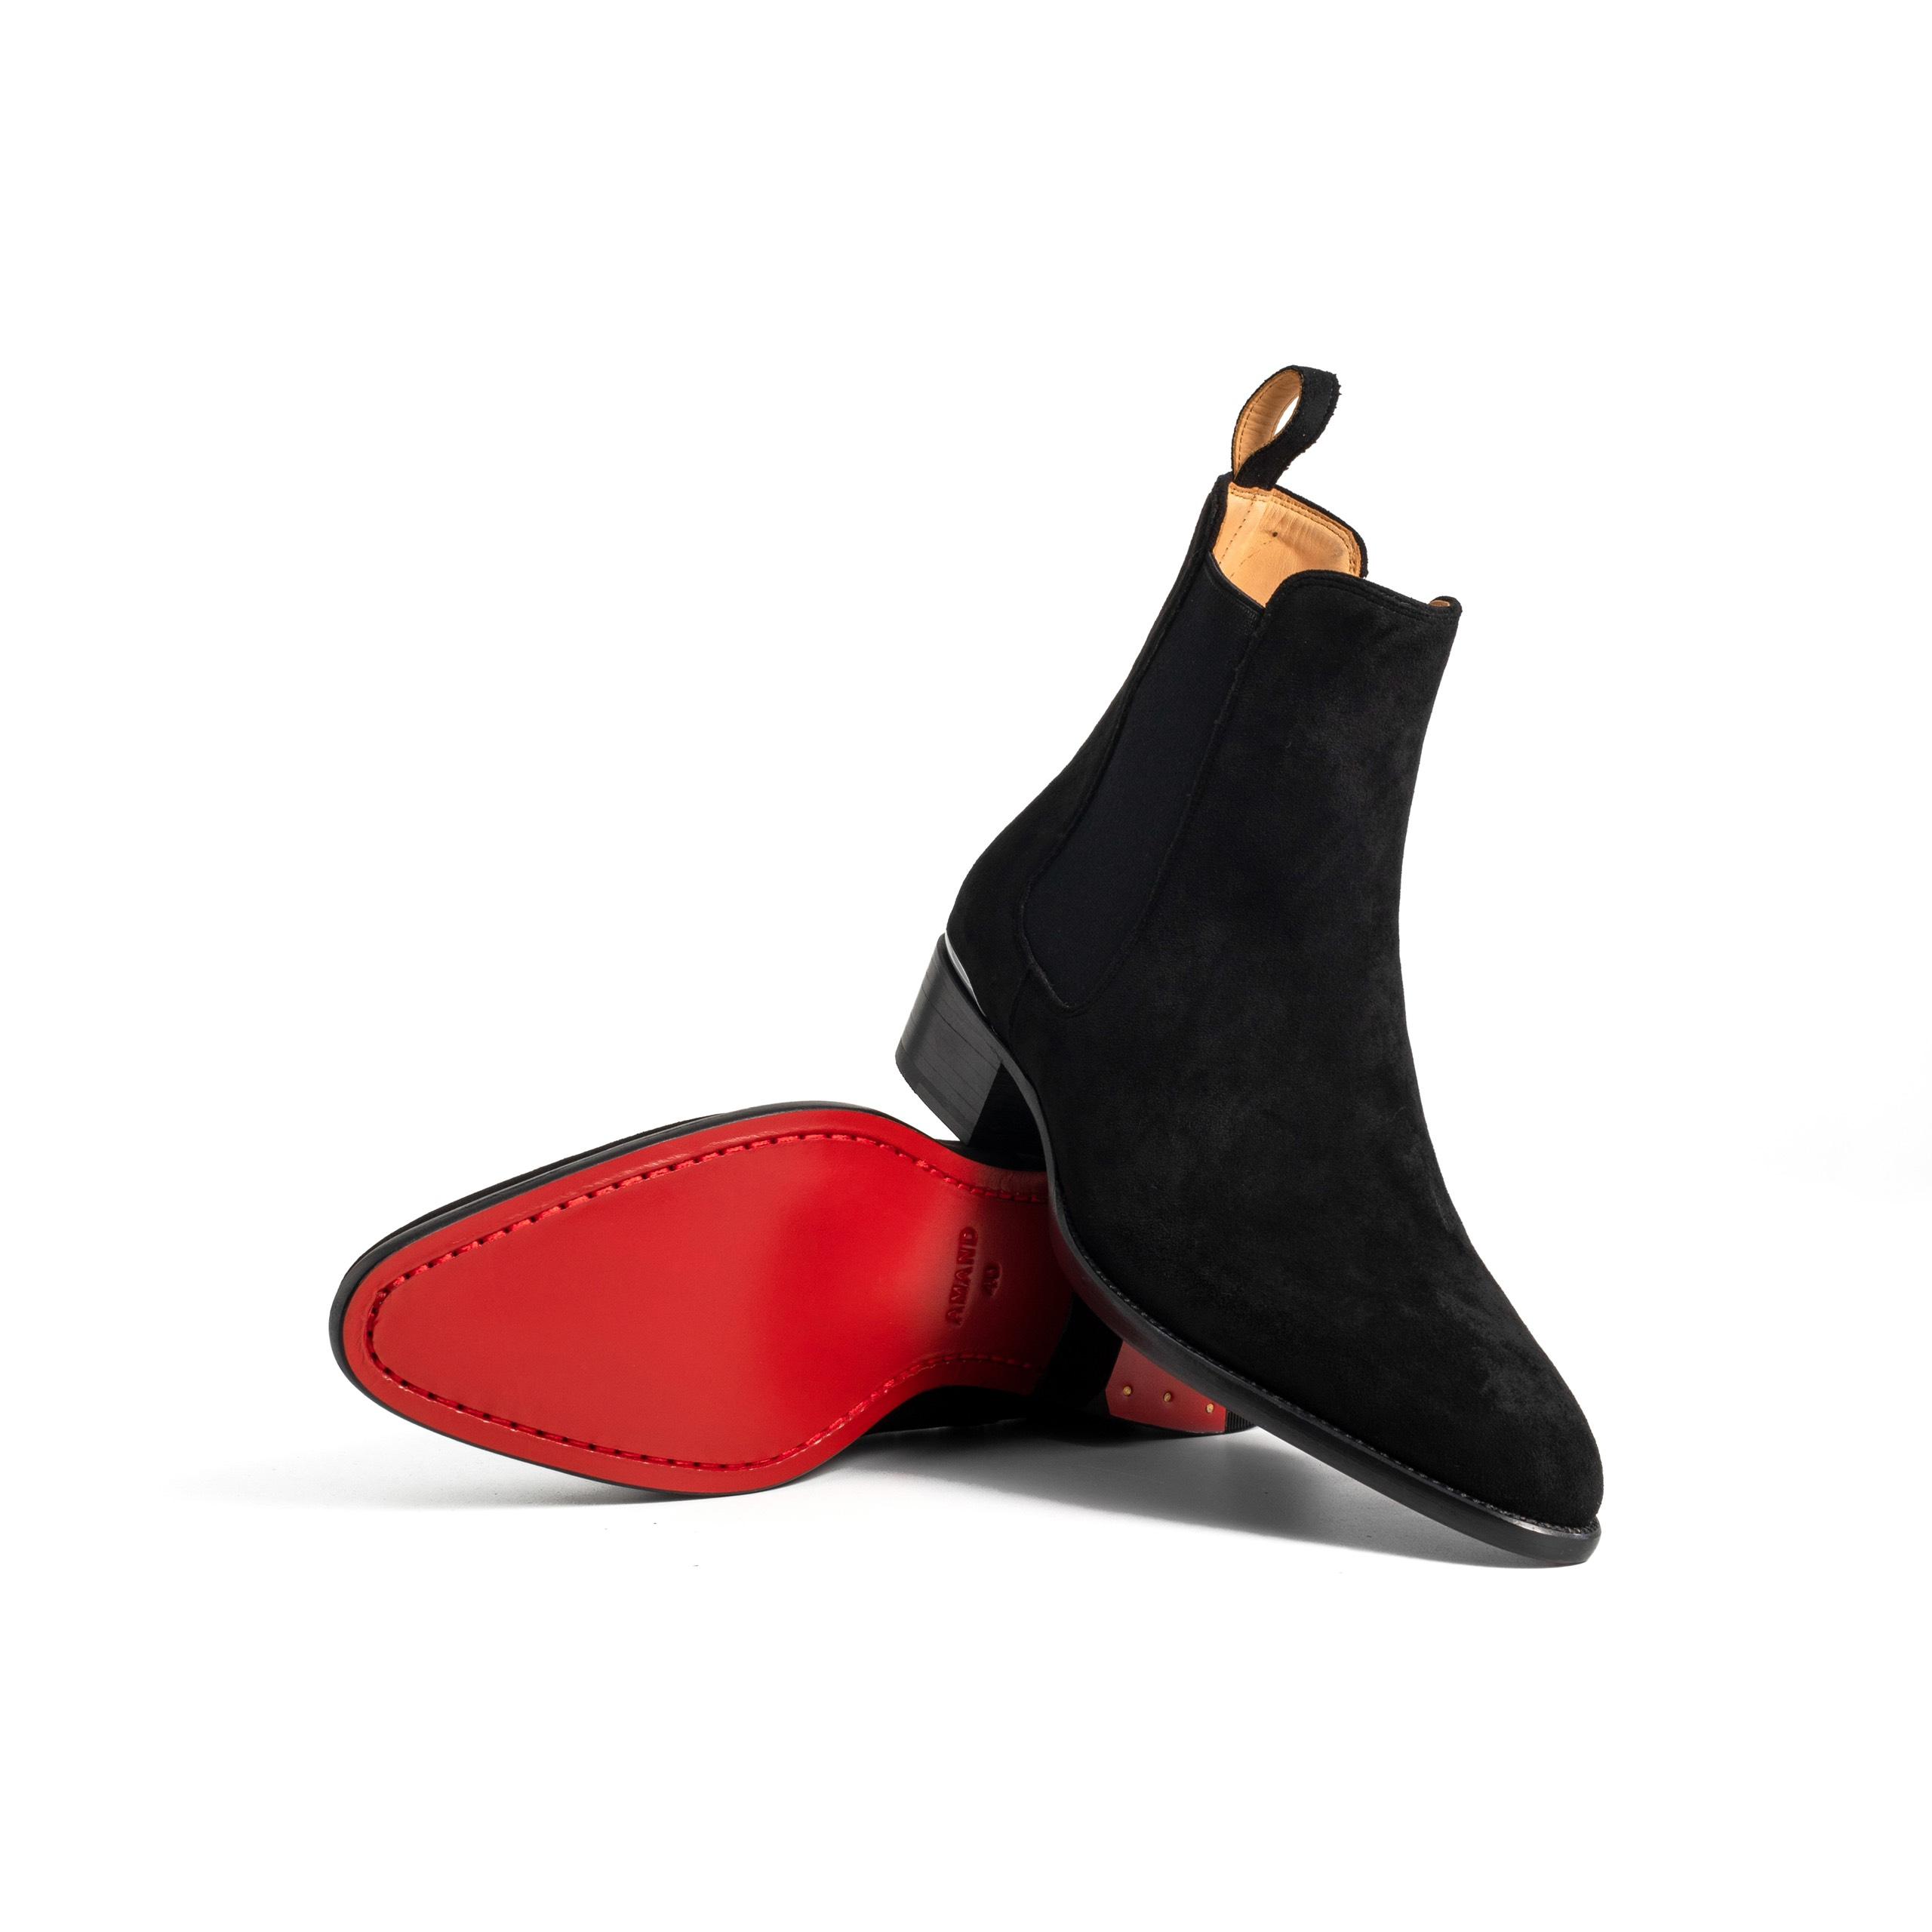 Signature Brown Heel Chelsea Boots